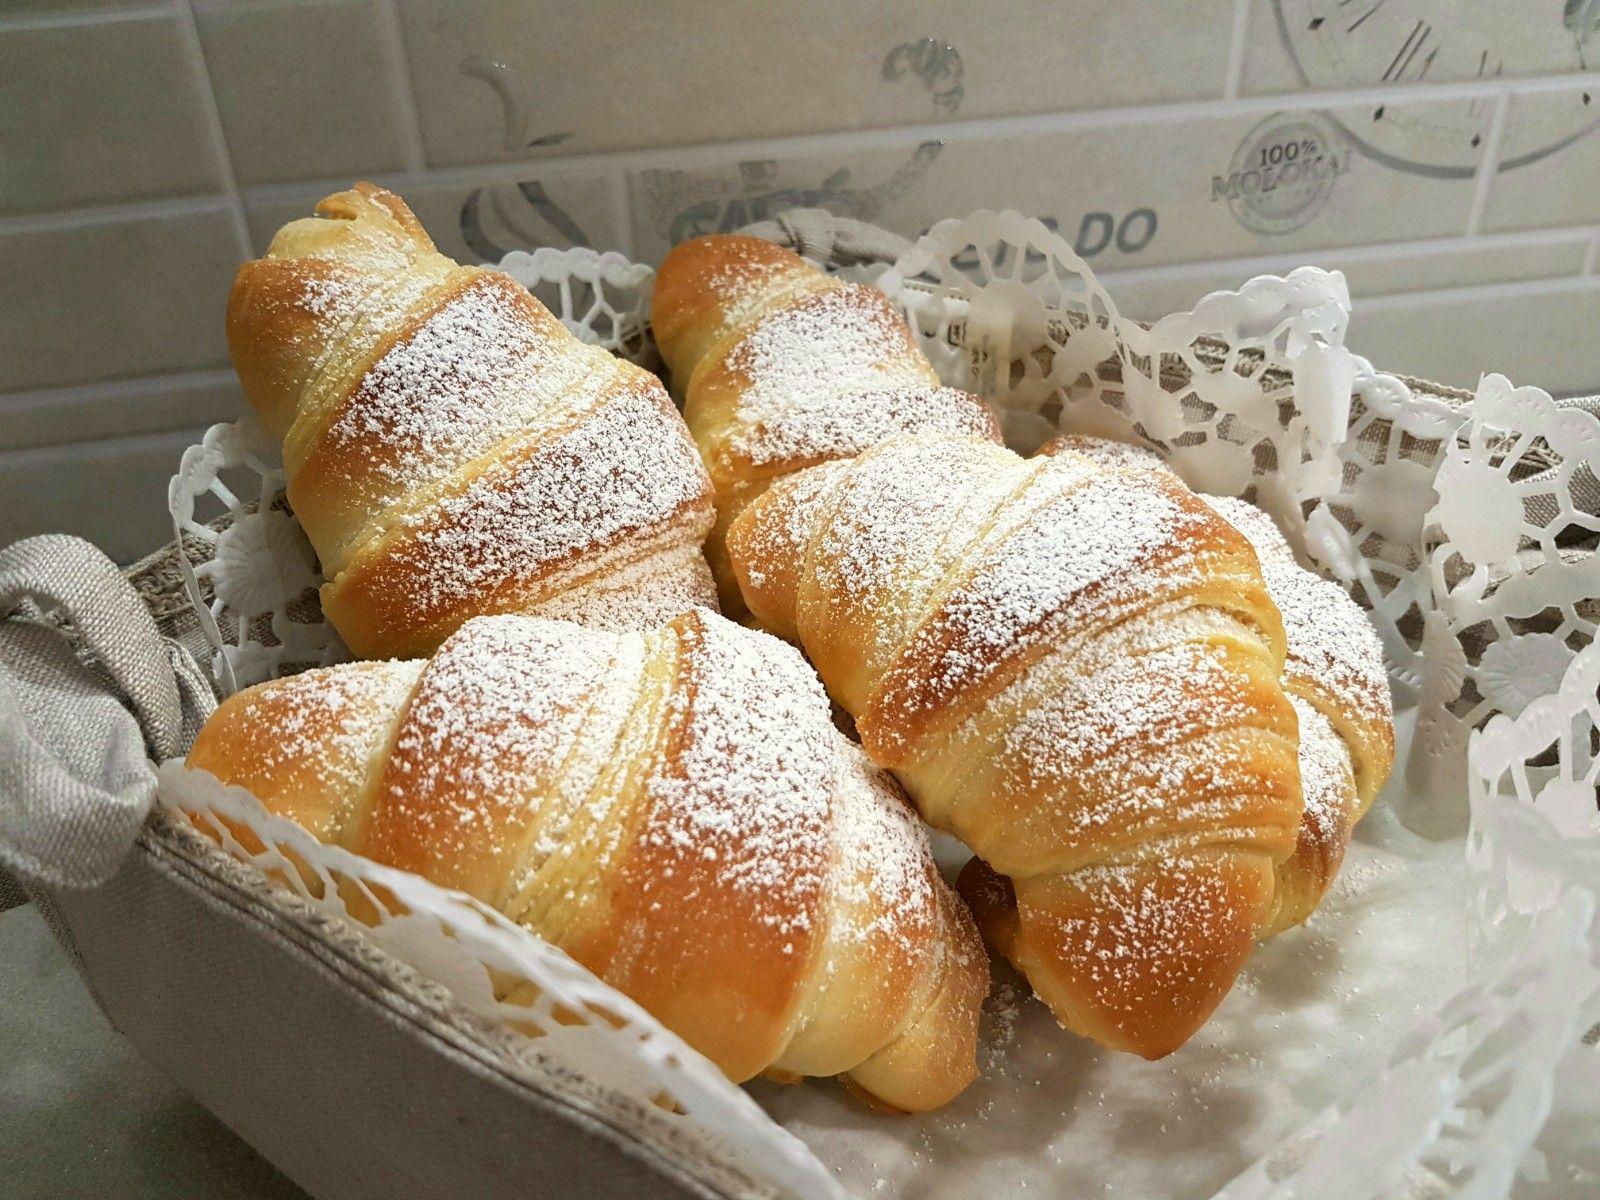 1940901d5569ba76e05ef0eb6bb8ce47 - Croissant Ricette